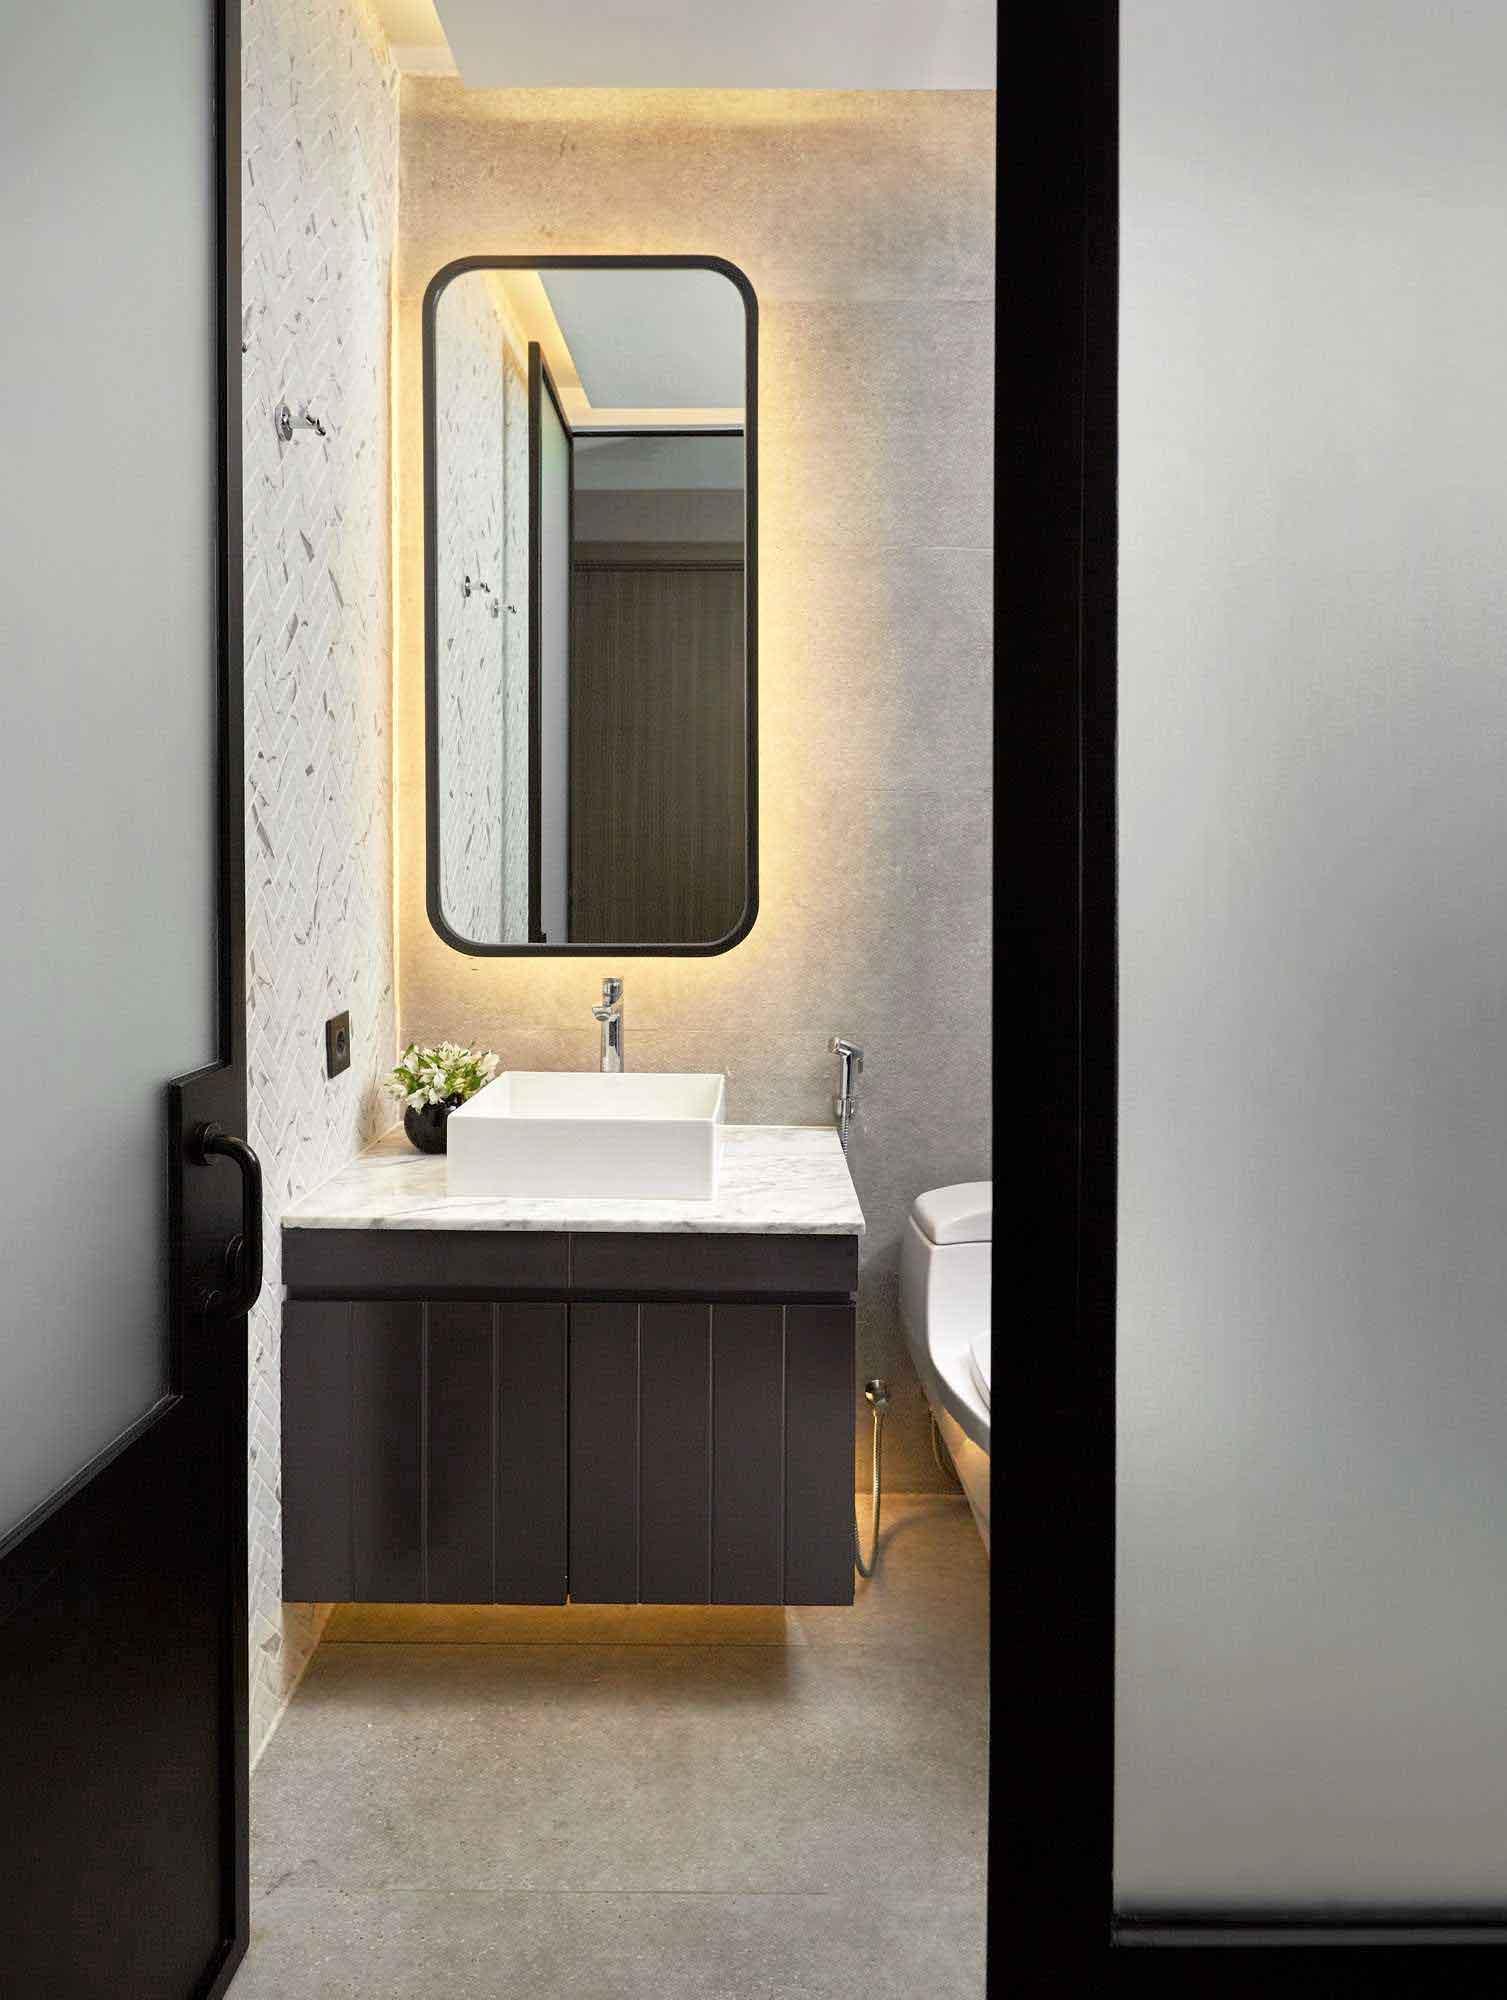 Kombinasi warna hitam putih dengan permainan tekstur pada setiap sisi ruangan, karya Hello Embryo, via arsitag.com